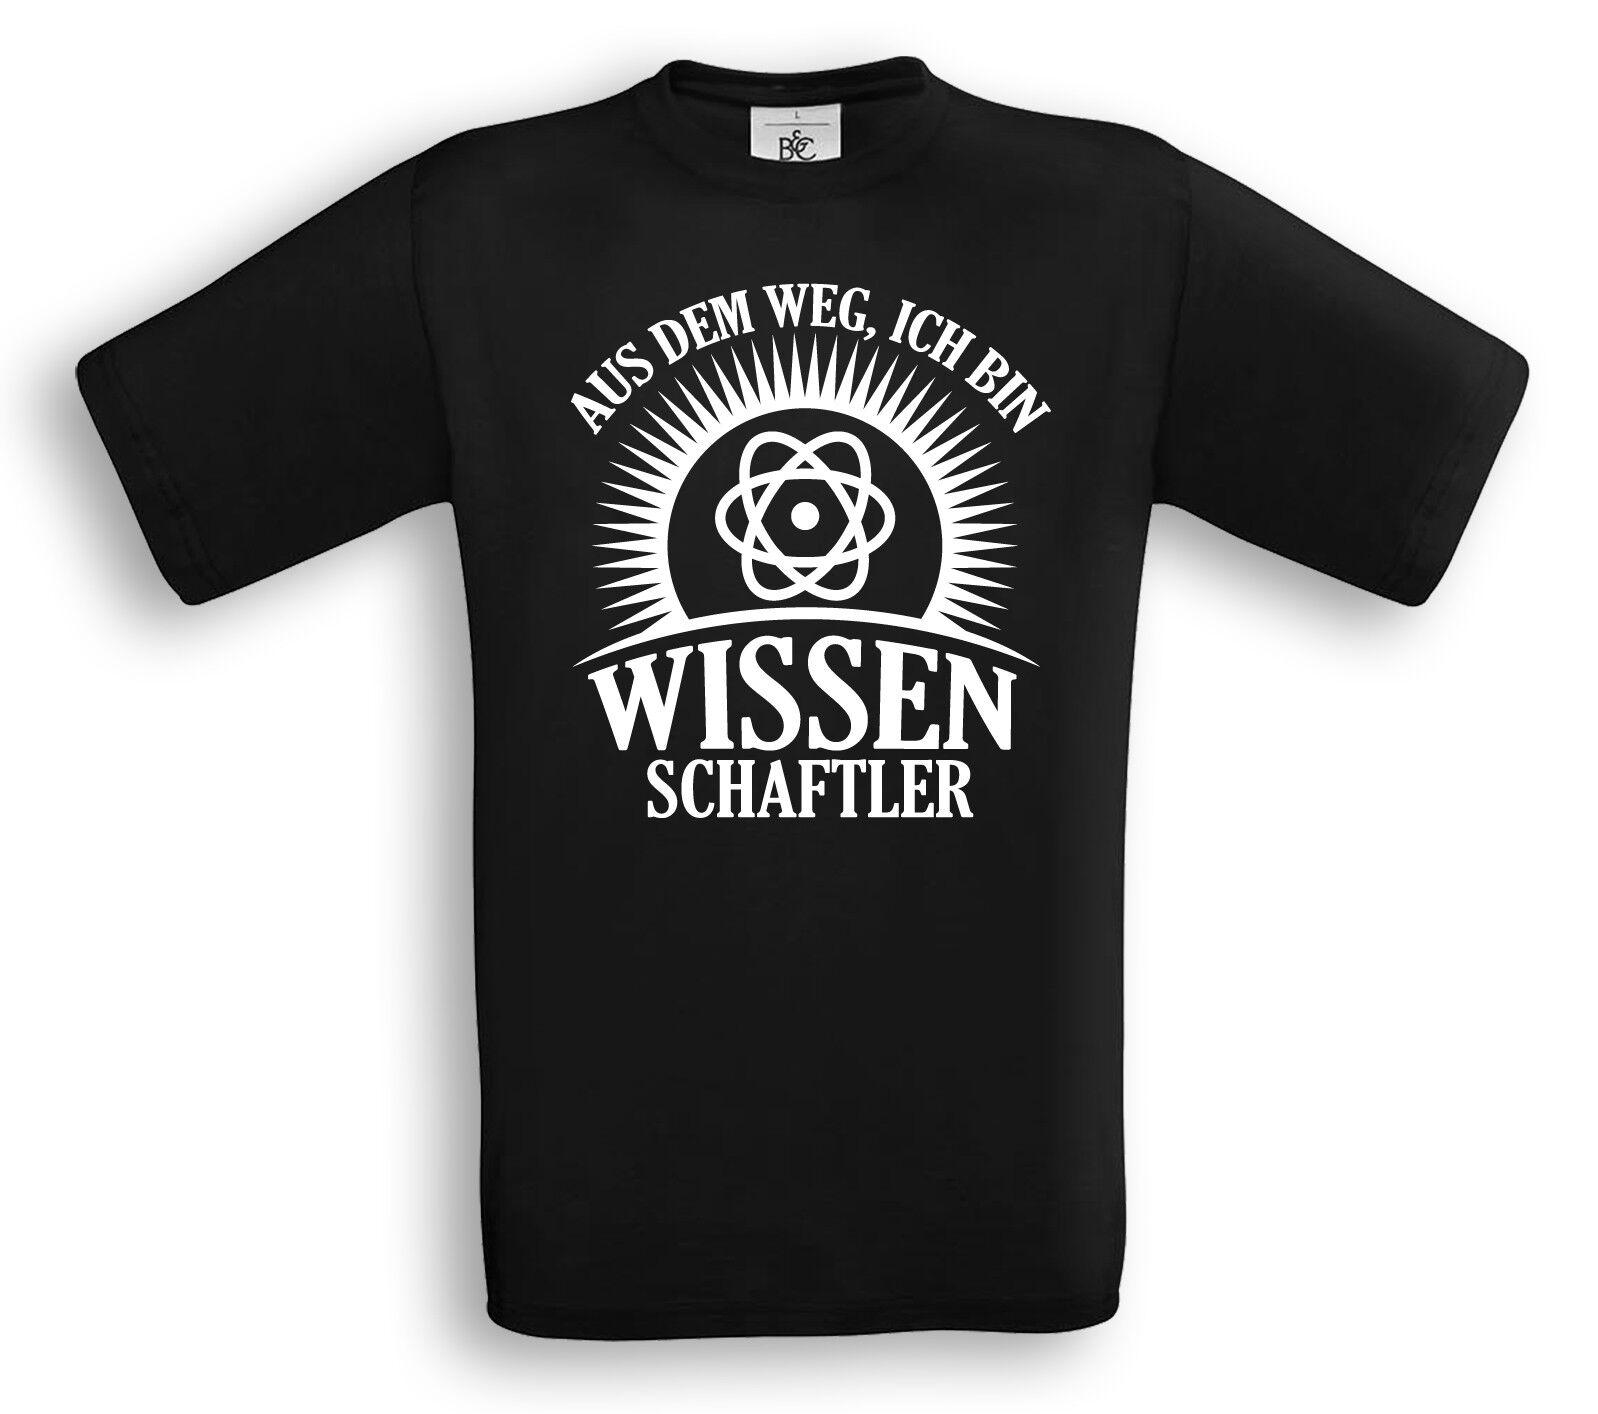 Aus dem Weg, ich bin Wissenschaftler T-Shirt Beruf Universität Forschung Chemie